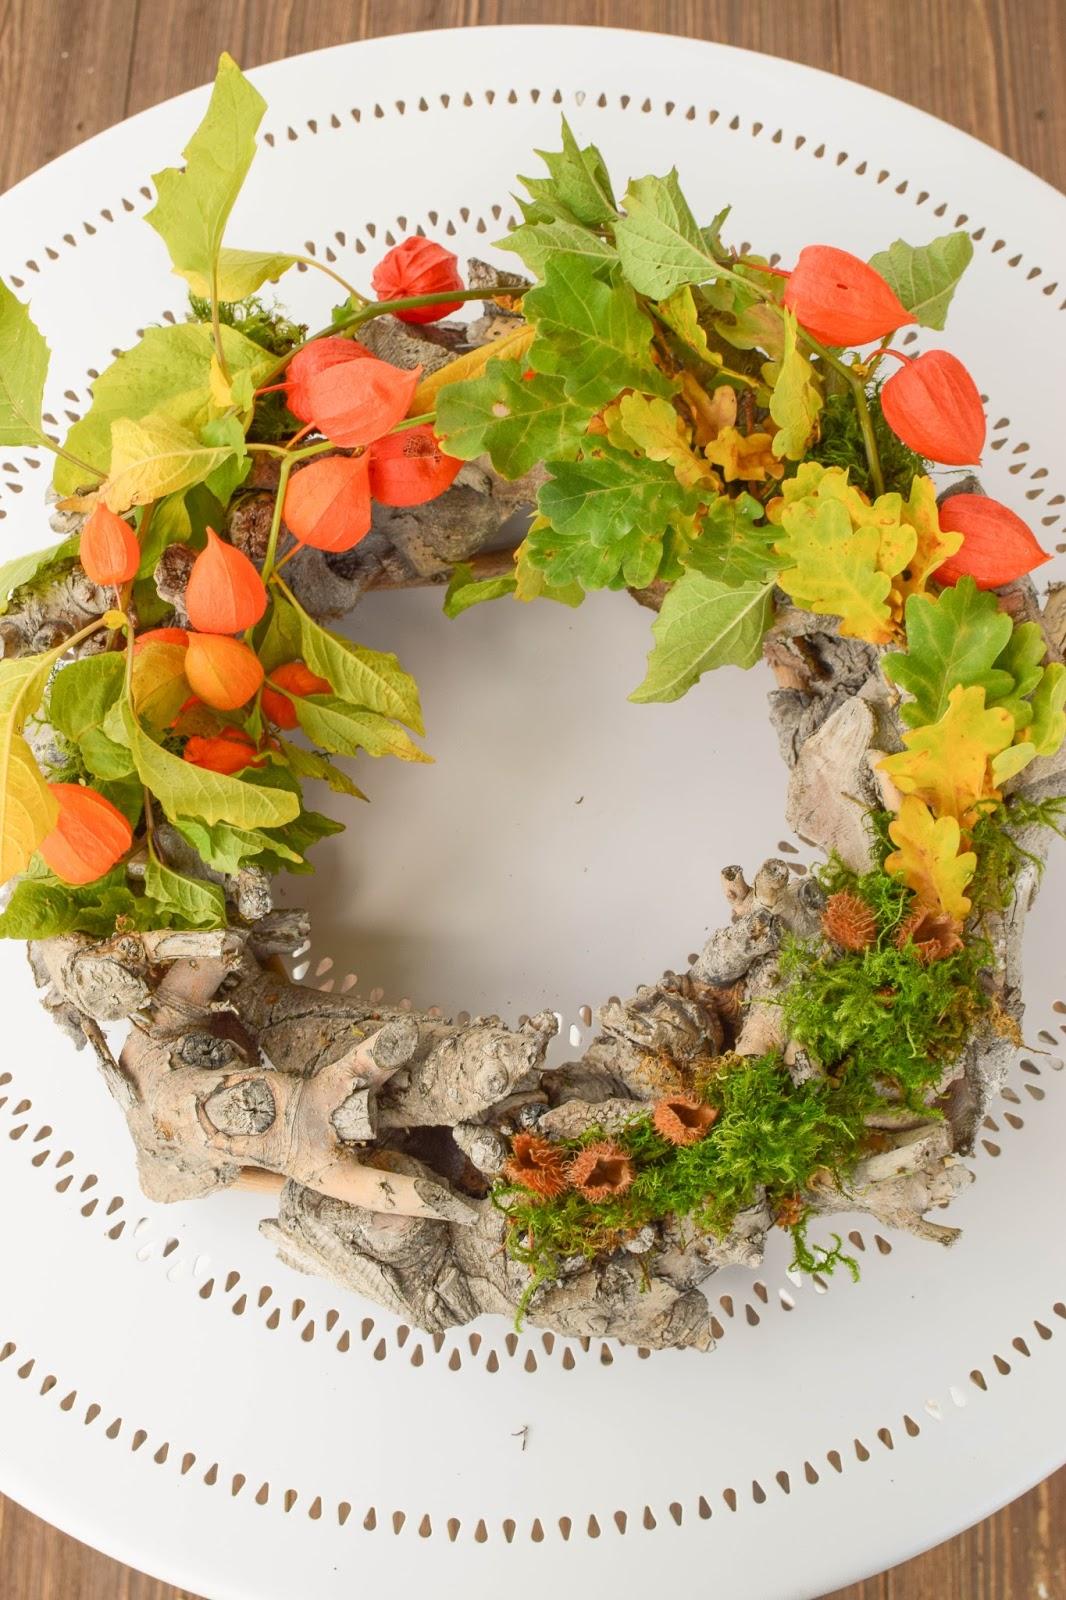 3 Ideen für DIY Kränze für den Herbst: selbermachen Holzkranz Naturdeko Lampionblume Moos Buchecker Eichenlaub